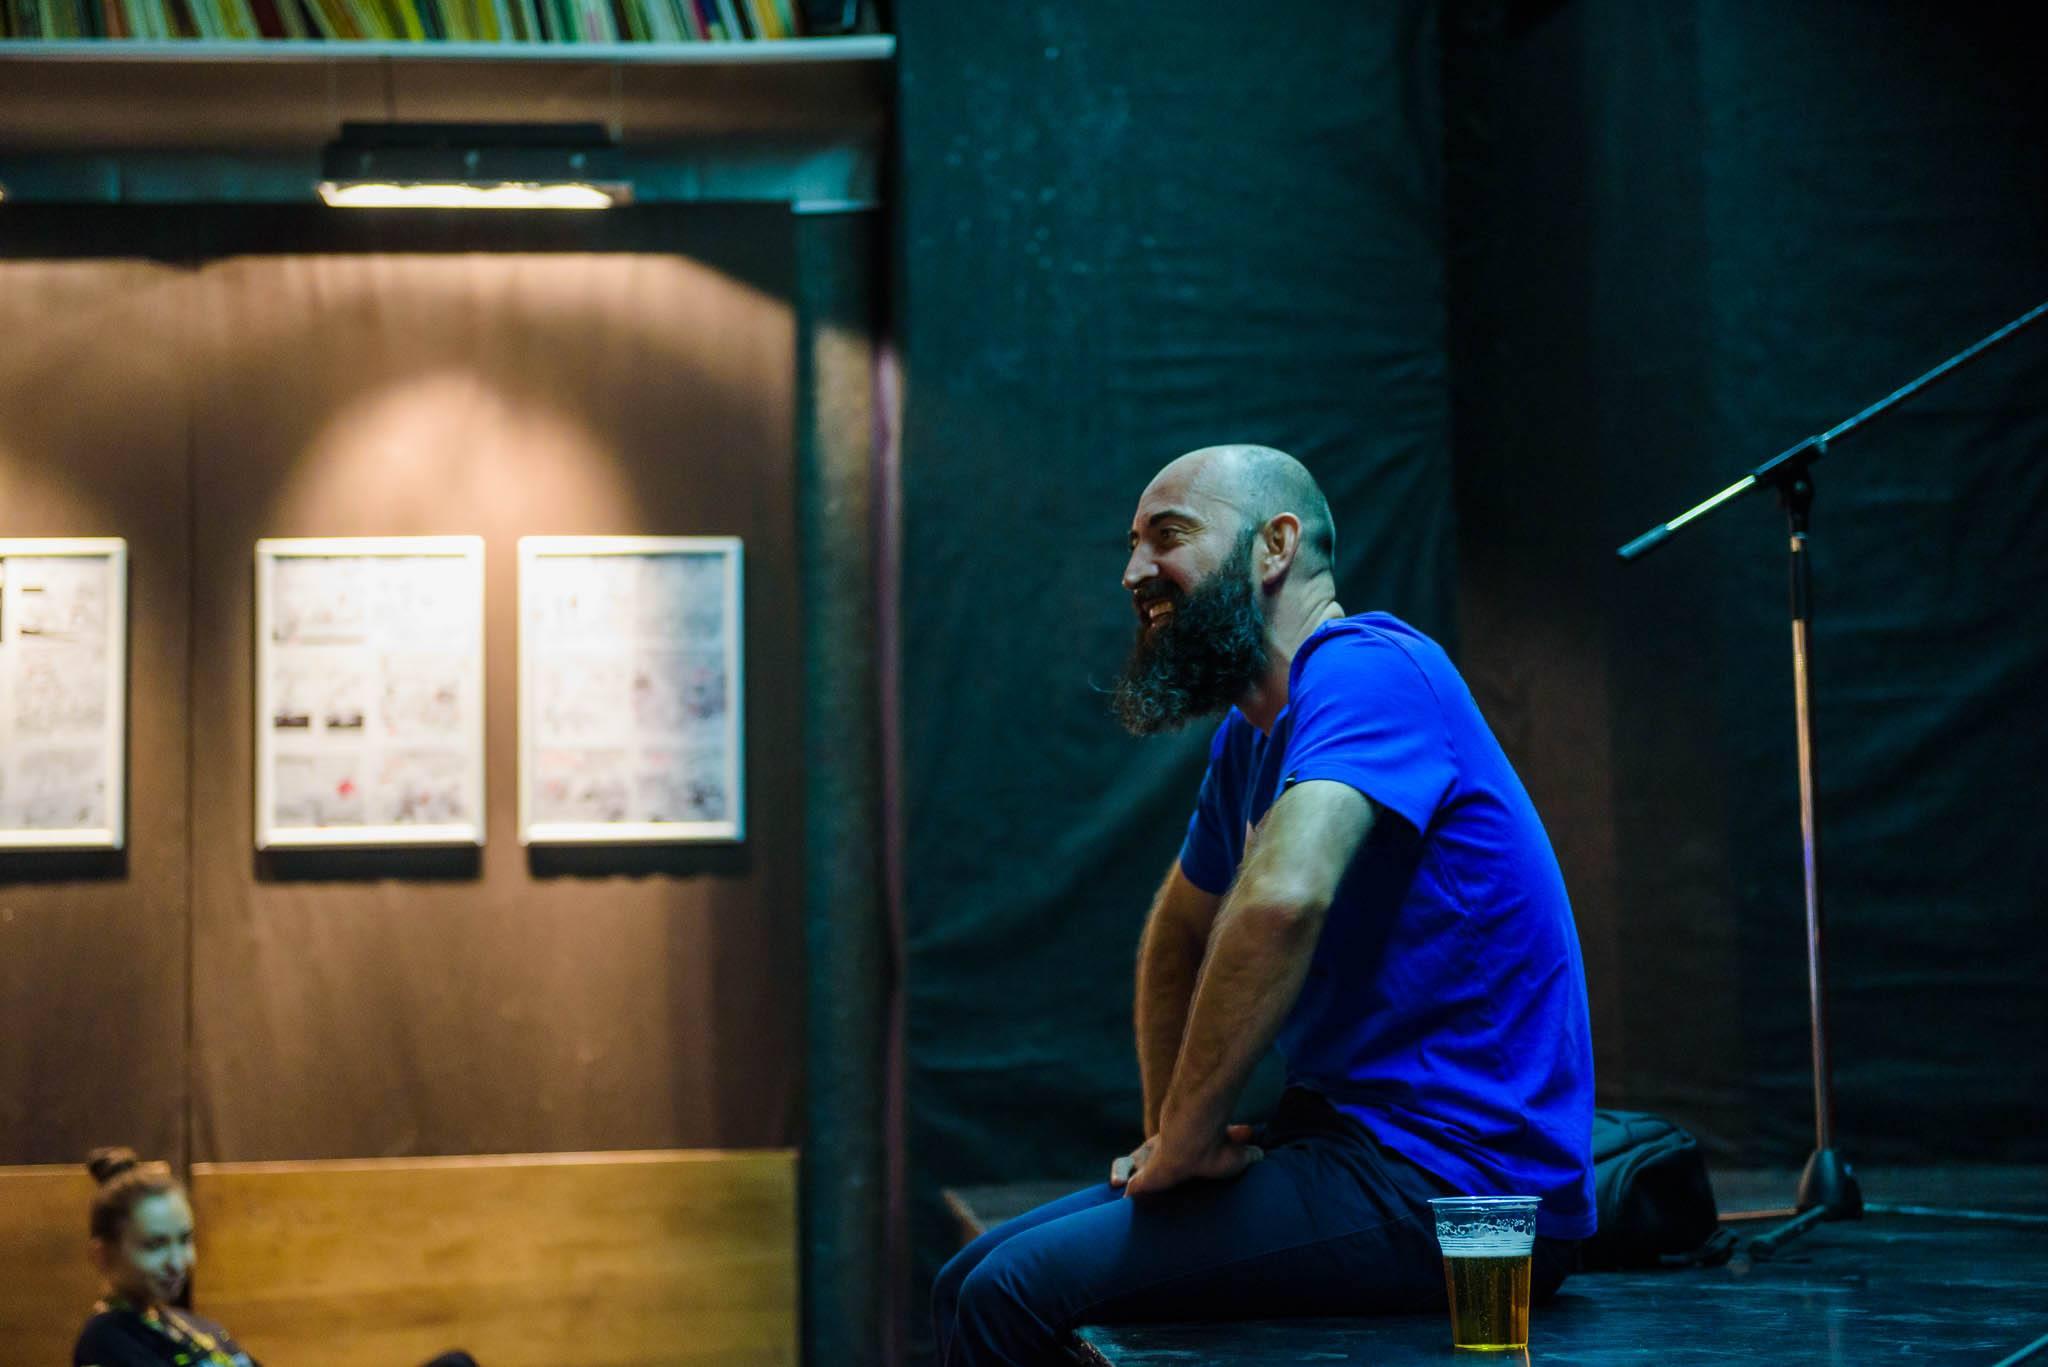 Discuție despre umor cu Călin Petrar, fondator Times New Roman